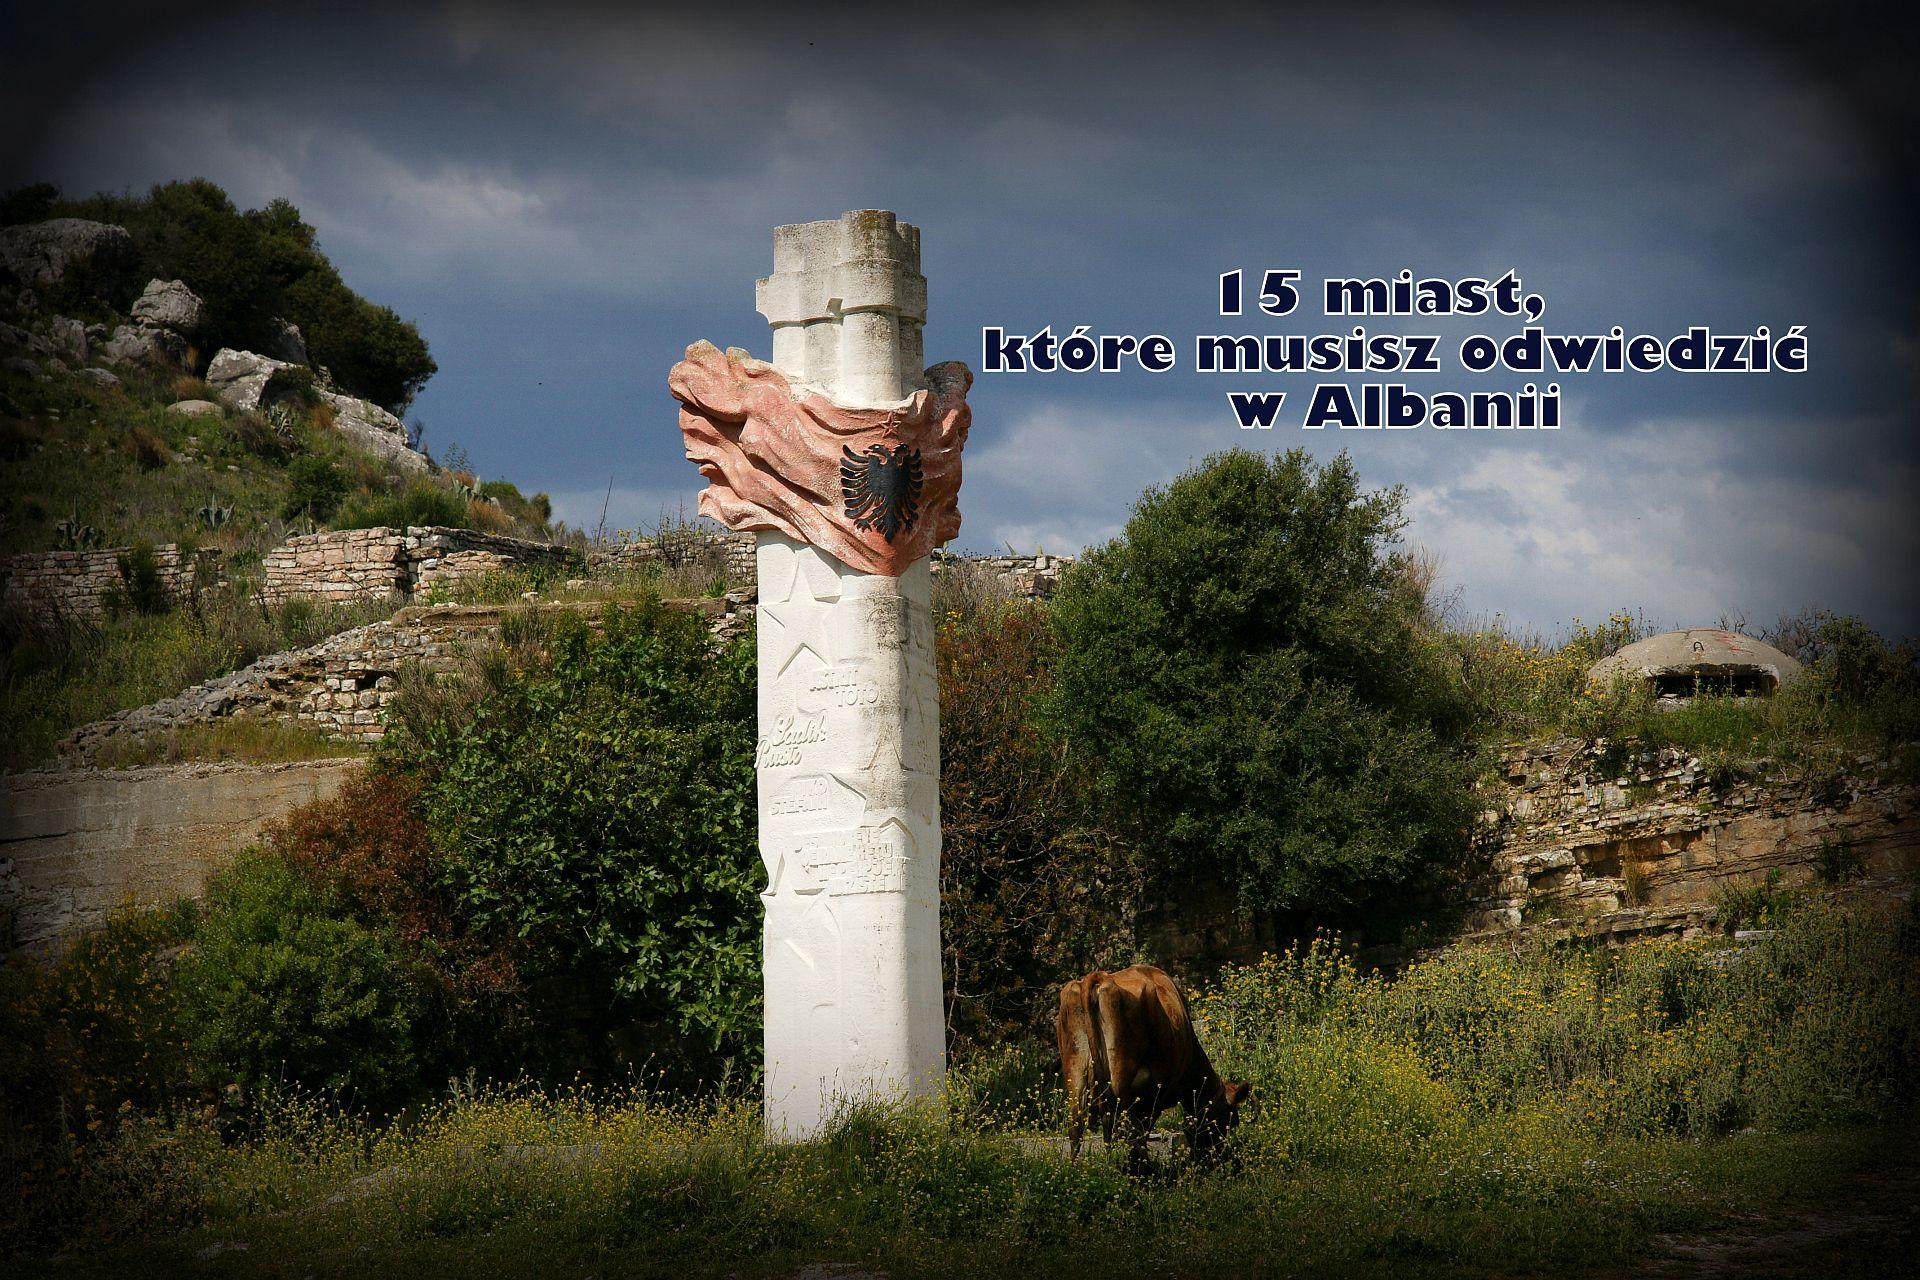 15 miast w Albanii